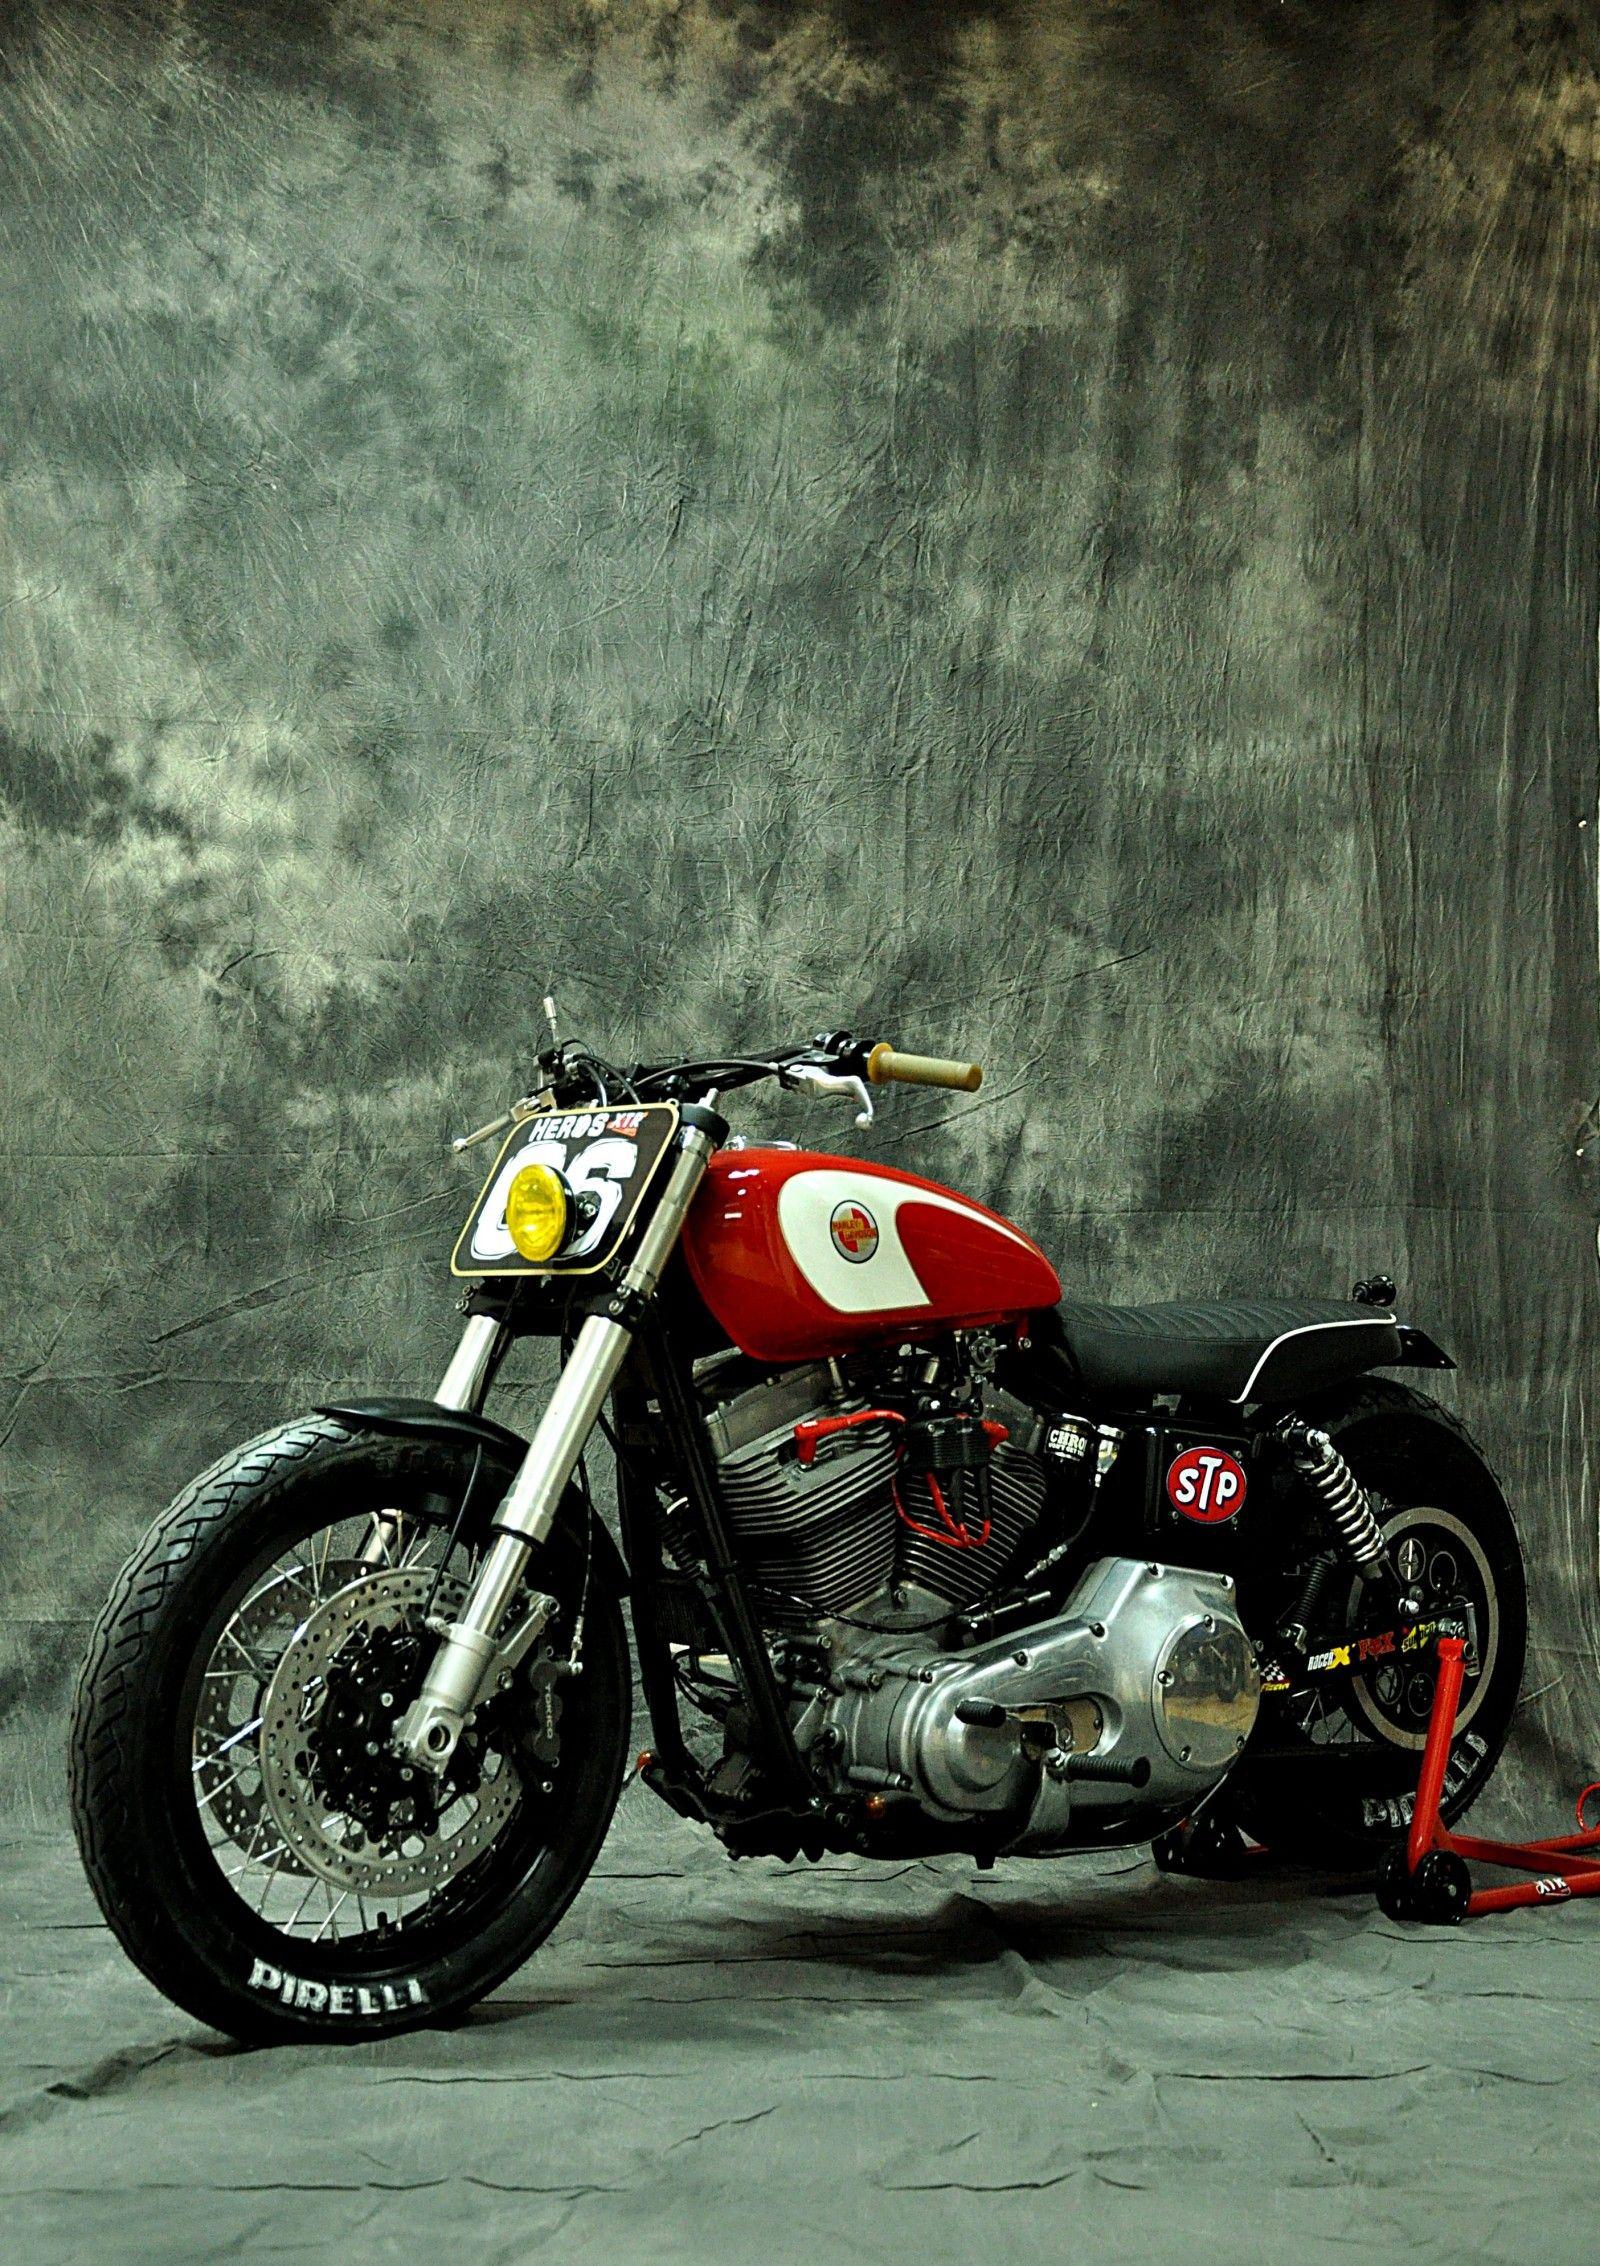 Harley Davidson Dyna Cafe Racer 12